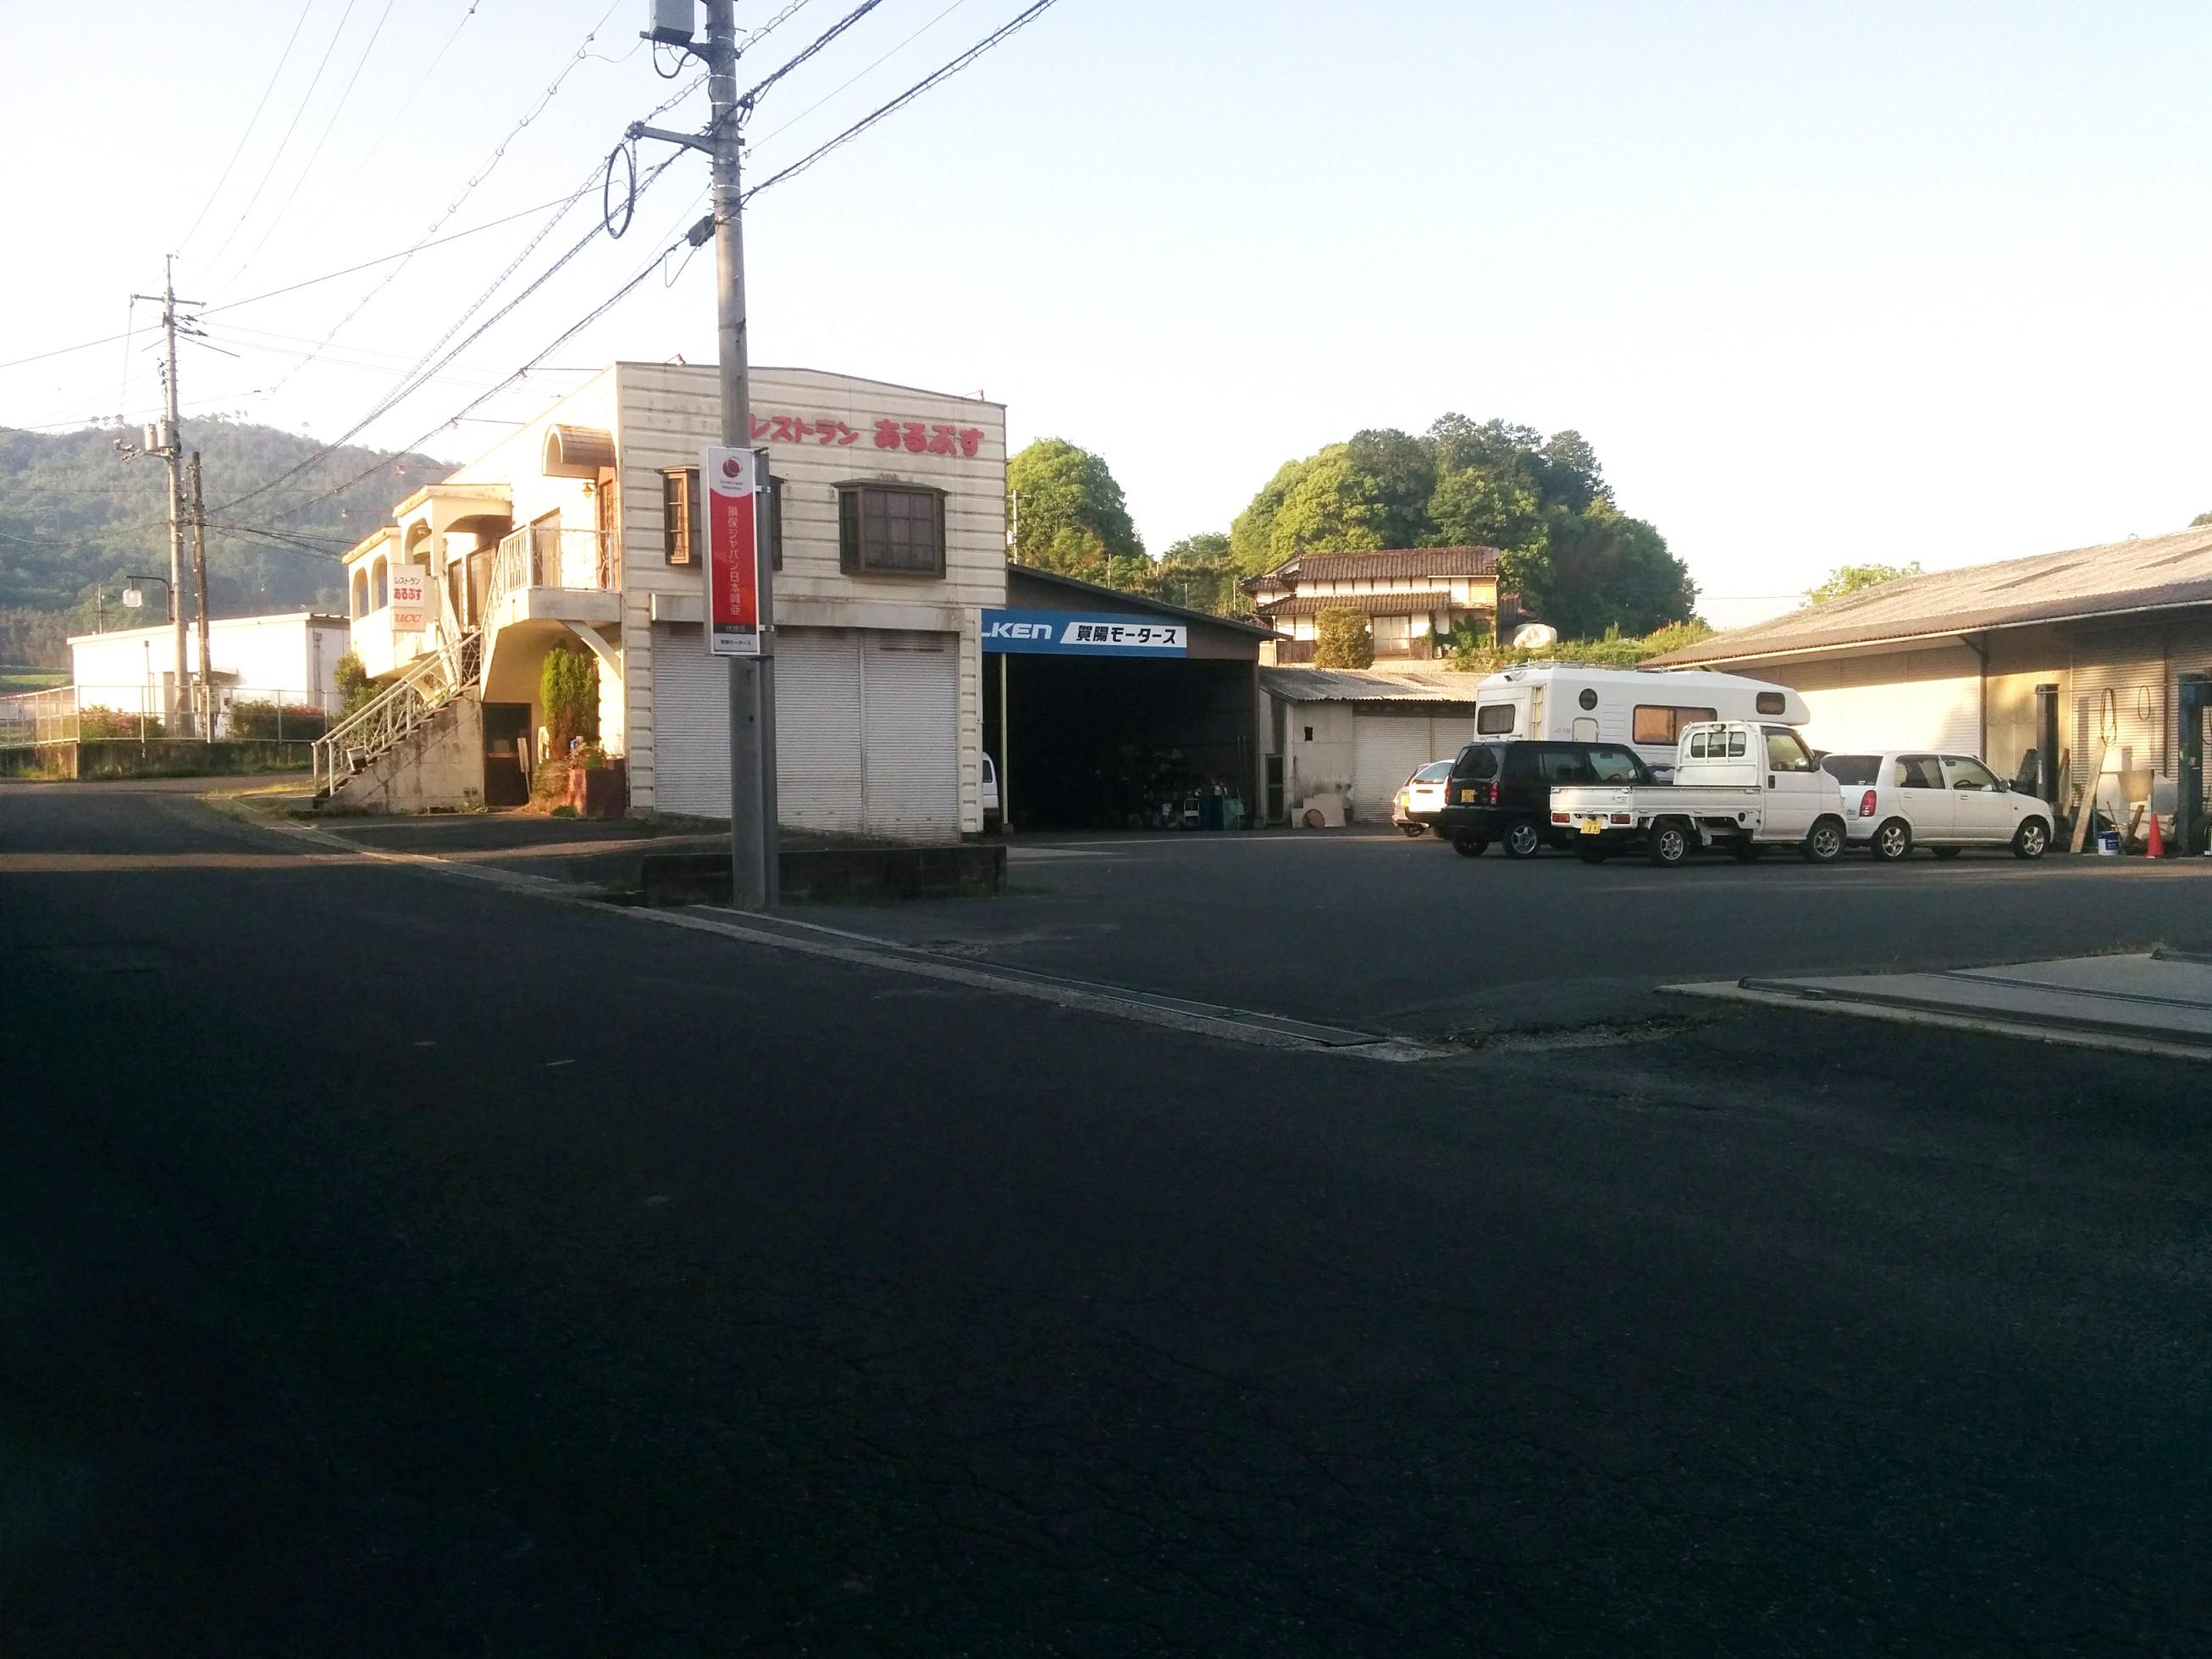 岡山県賀陽で車が故障!賀陽の地域の方々の温かさに感動しました!